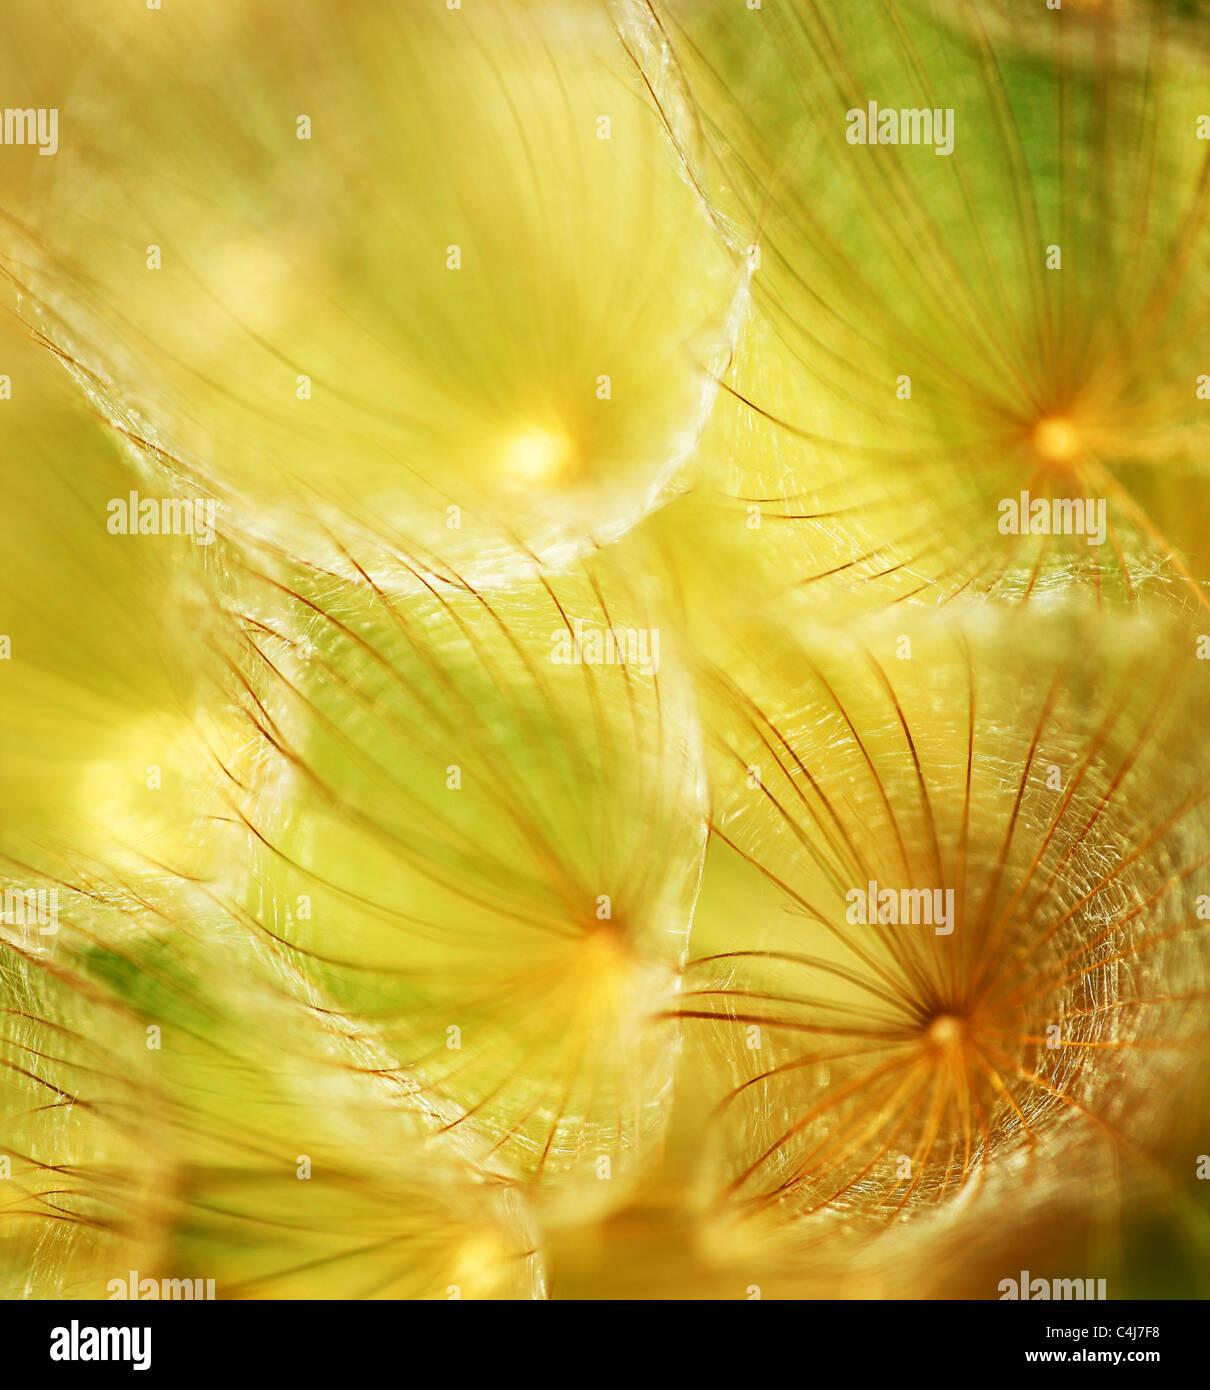 Suave flor diente de león, extreme closeup, Resumen Antecedentes La naturaleza de primavera Foto de stock